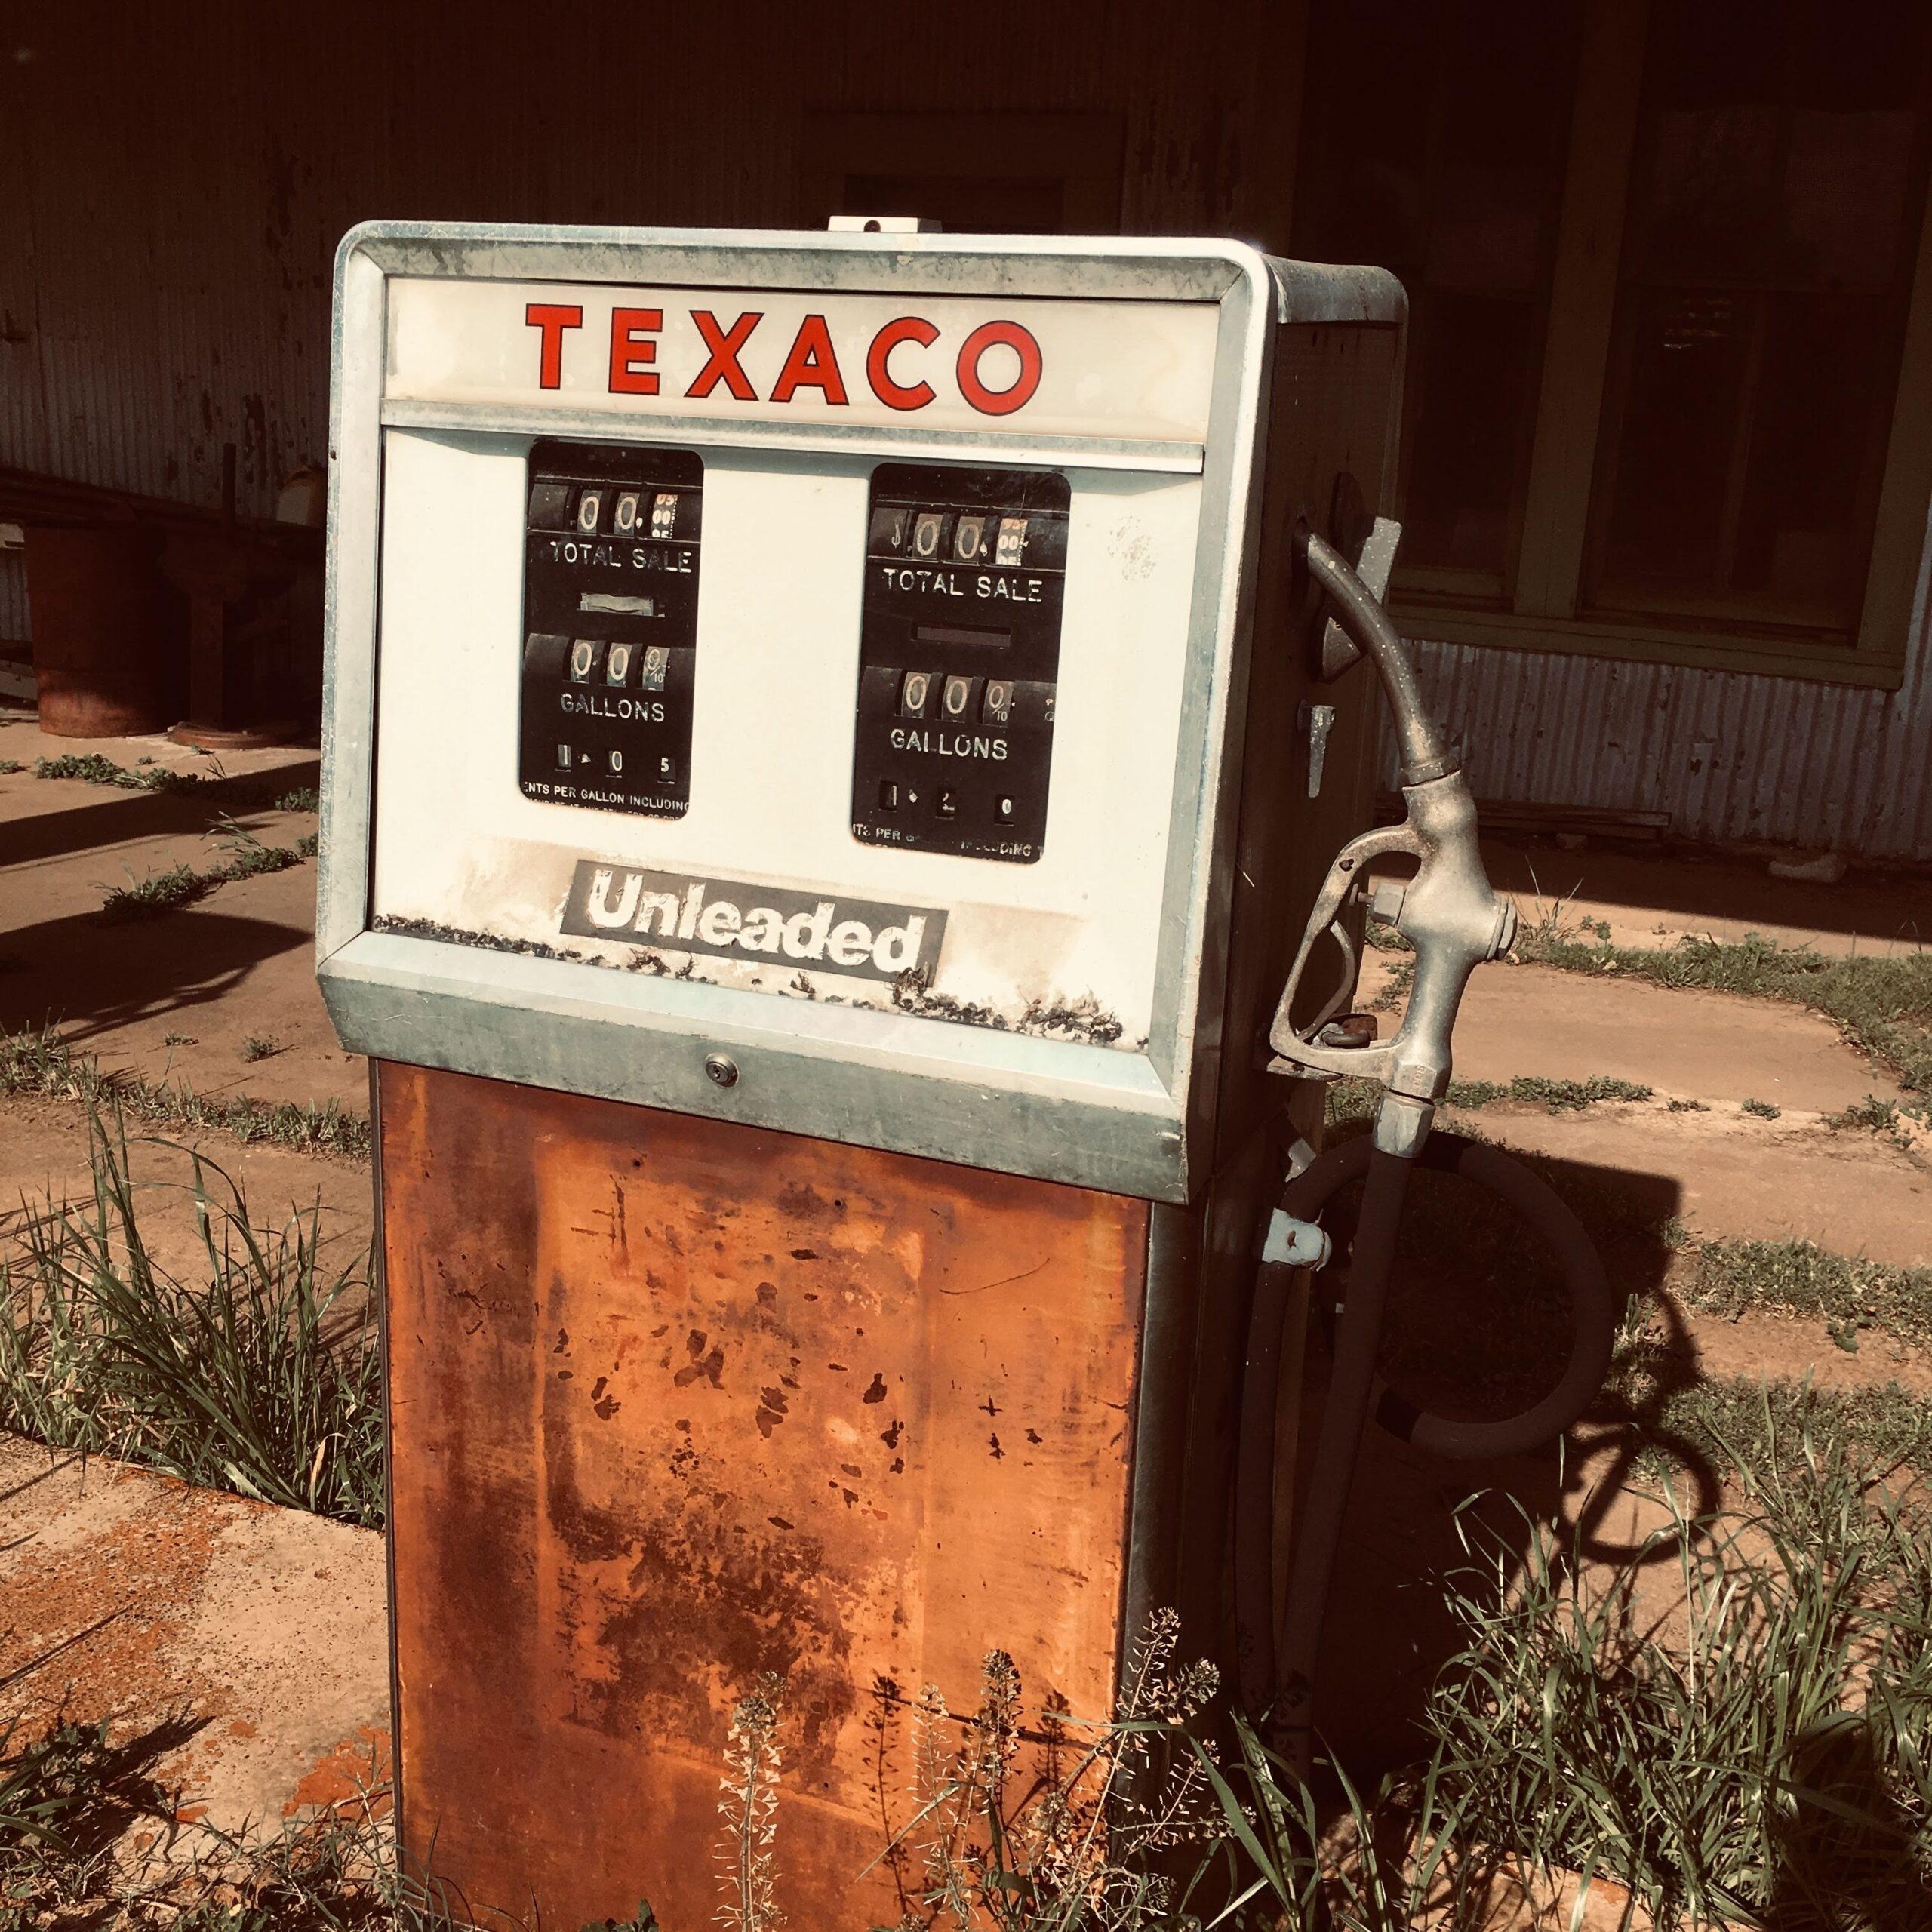 ashlee-attebery-Texaco pump abandoned unsplash